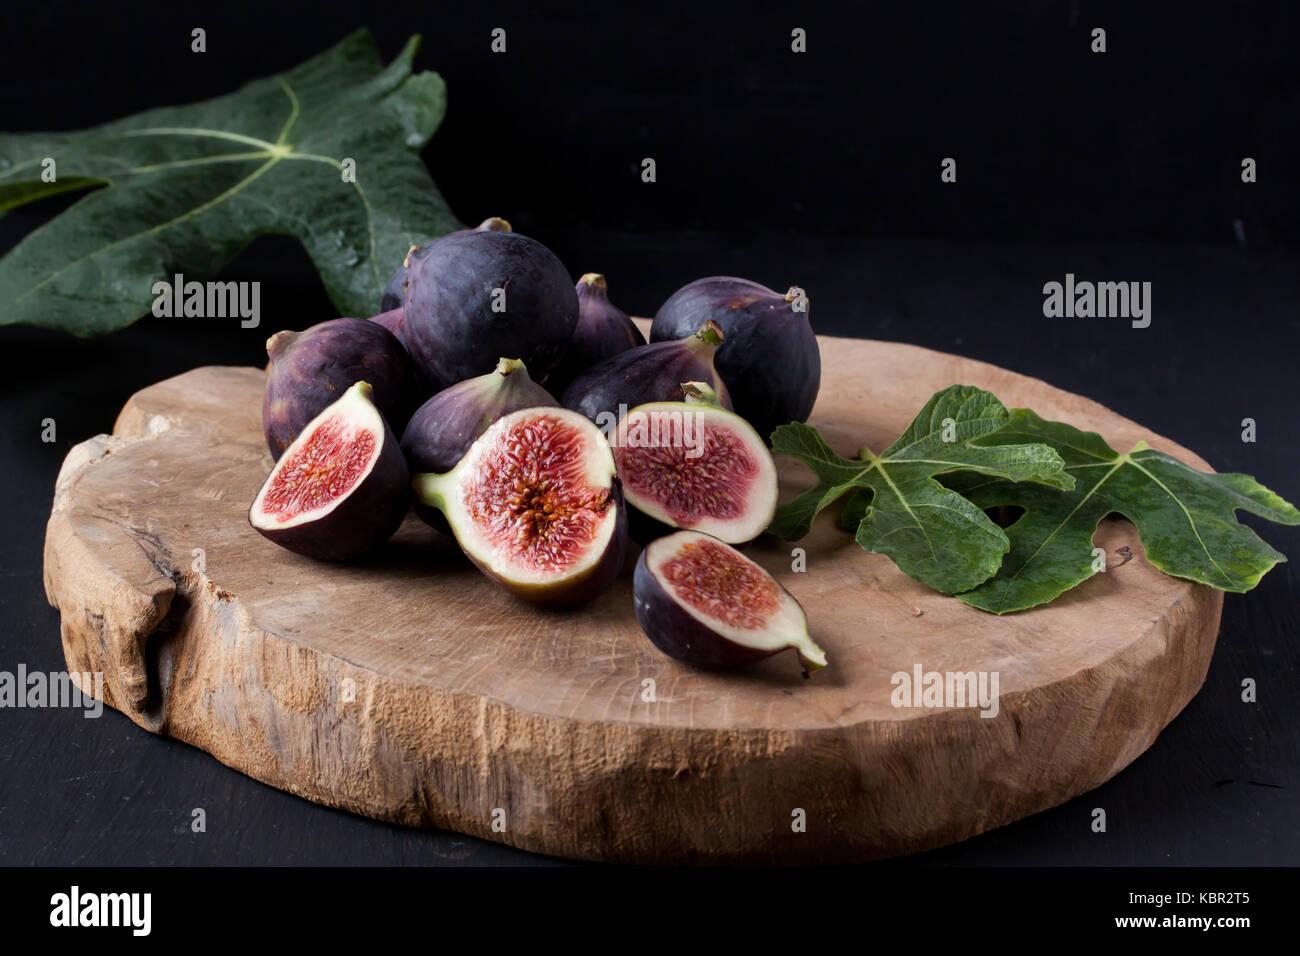 Le figure su un piatto di legno Immagini Stock